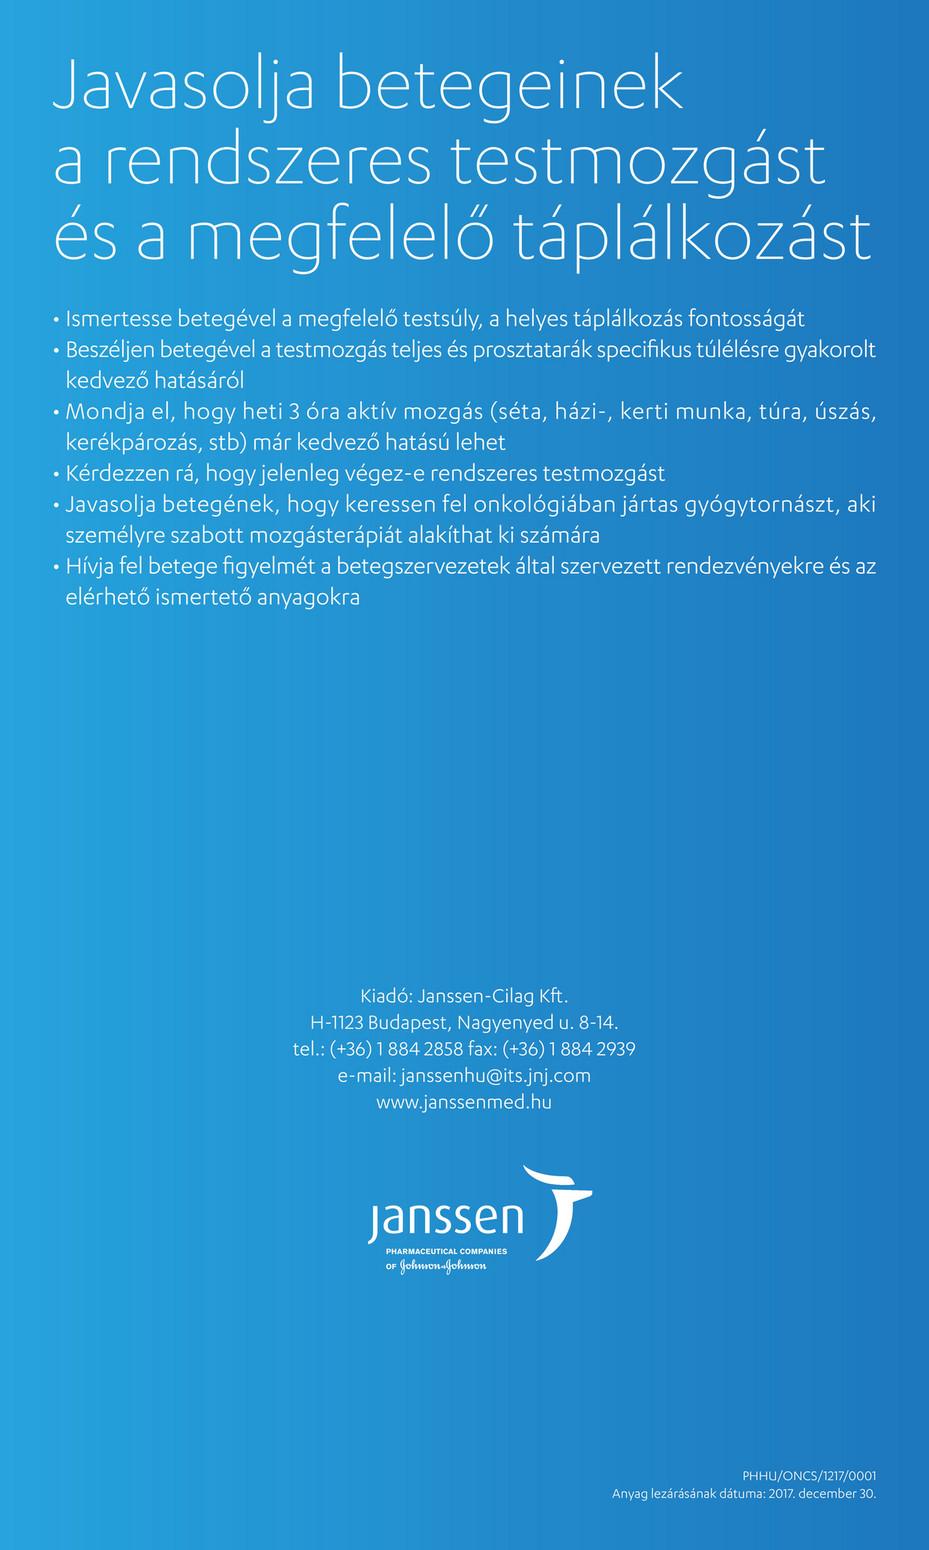 Új gyógyszer a WHO alapvető gyógyszerlistáján - moveinstudio.hu